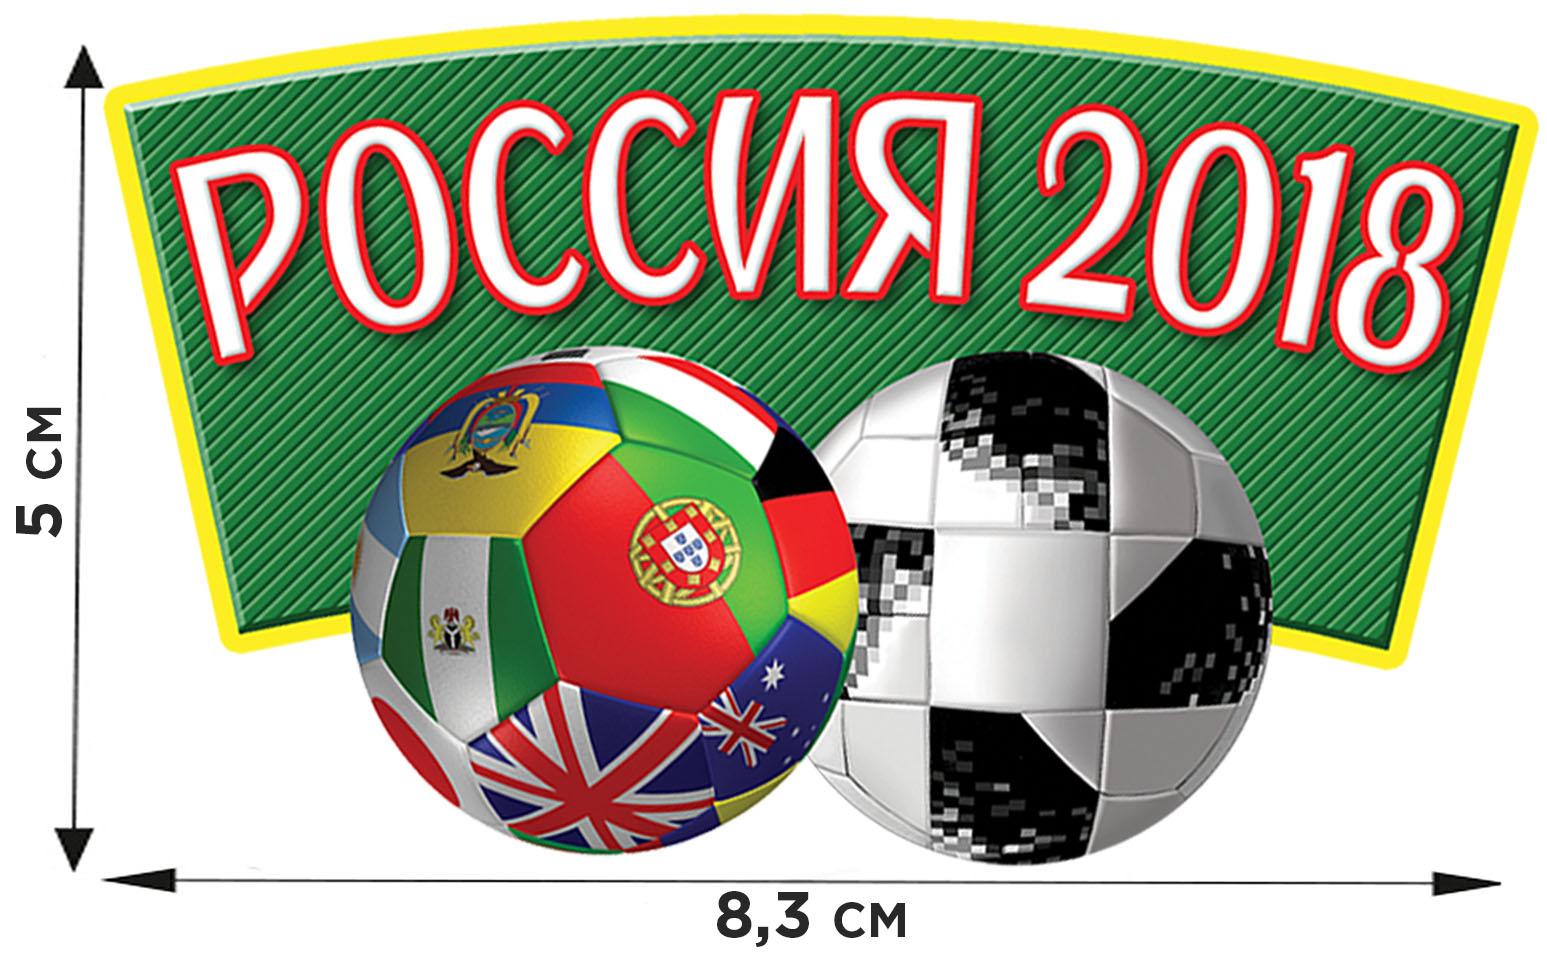 Купить лучшую наклейку-термотрансфер Россия 2018 с доставкой или самовывозом